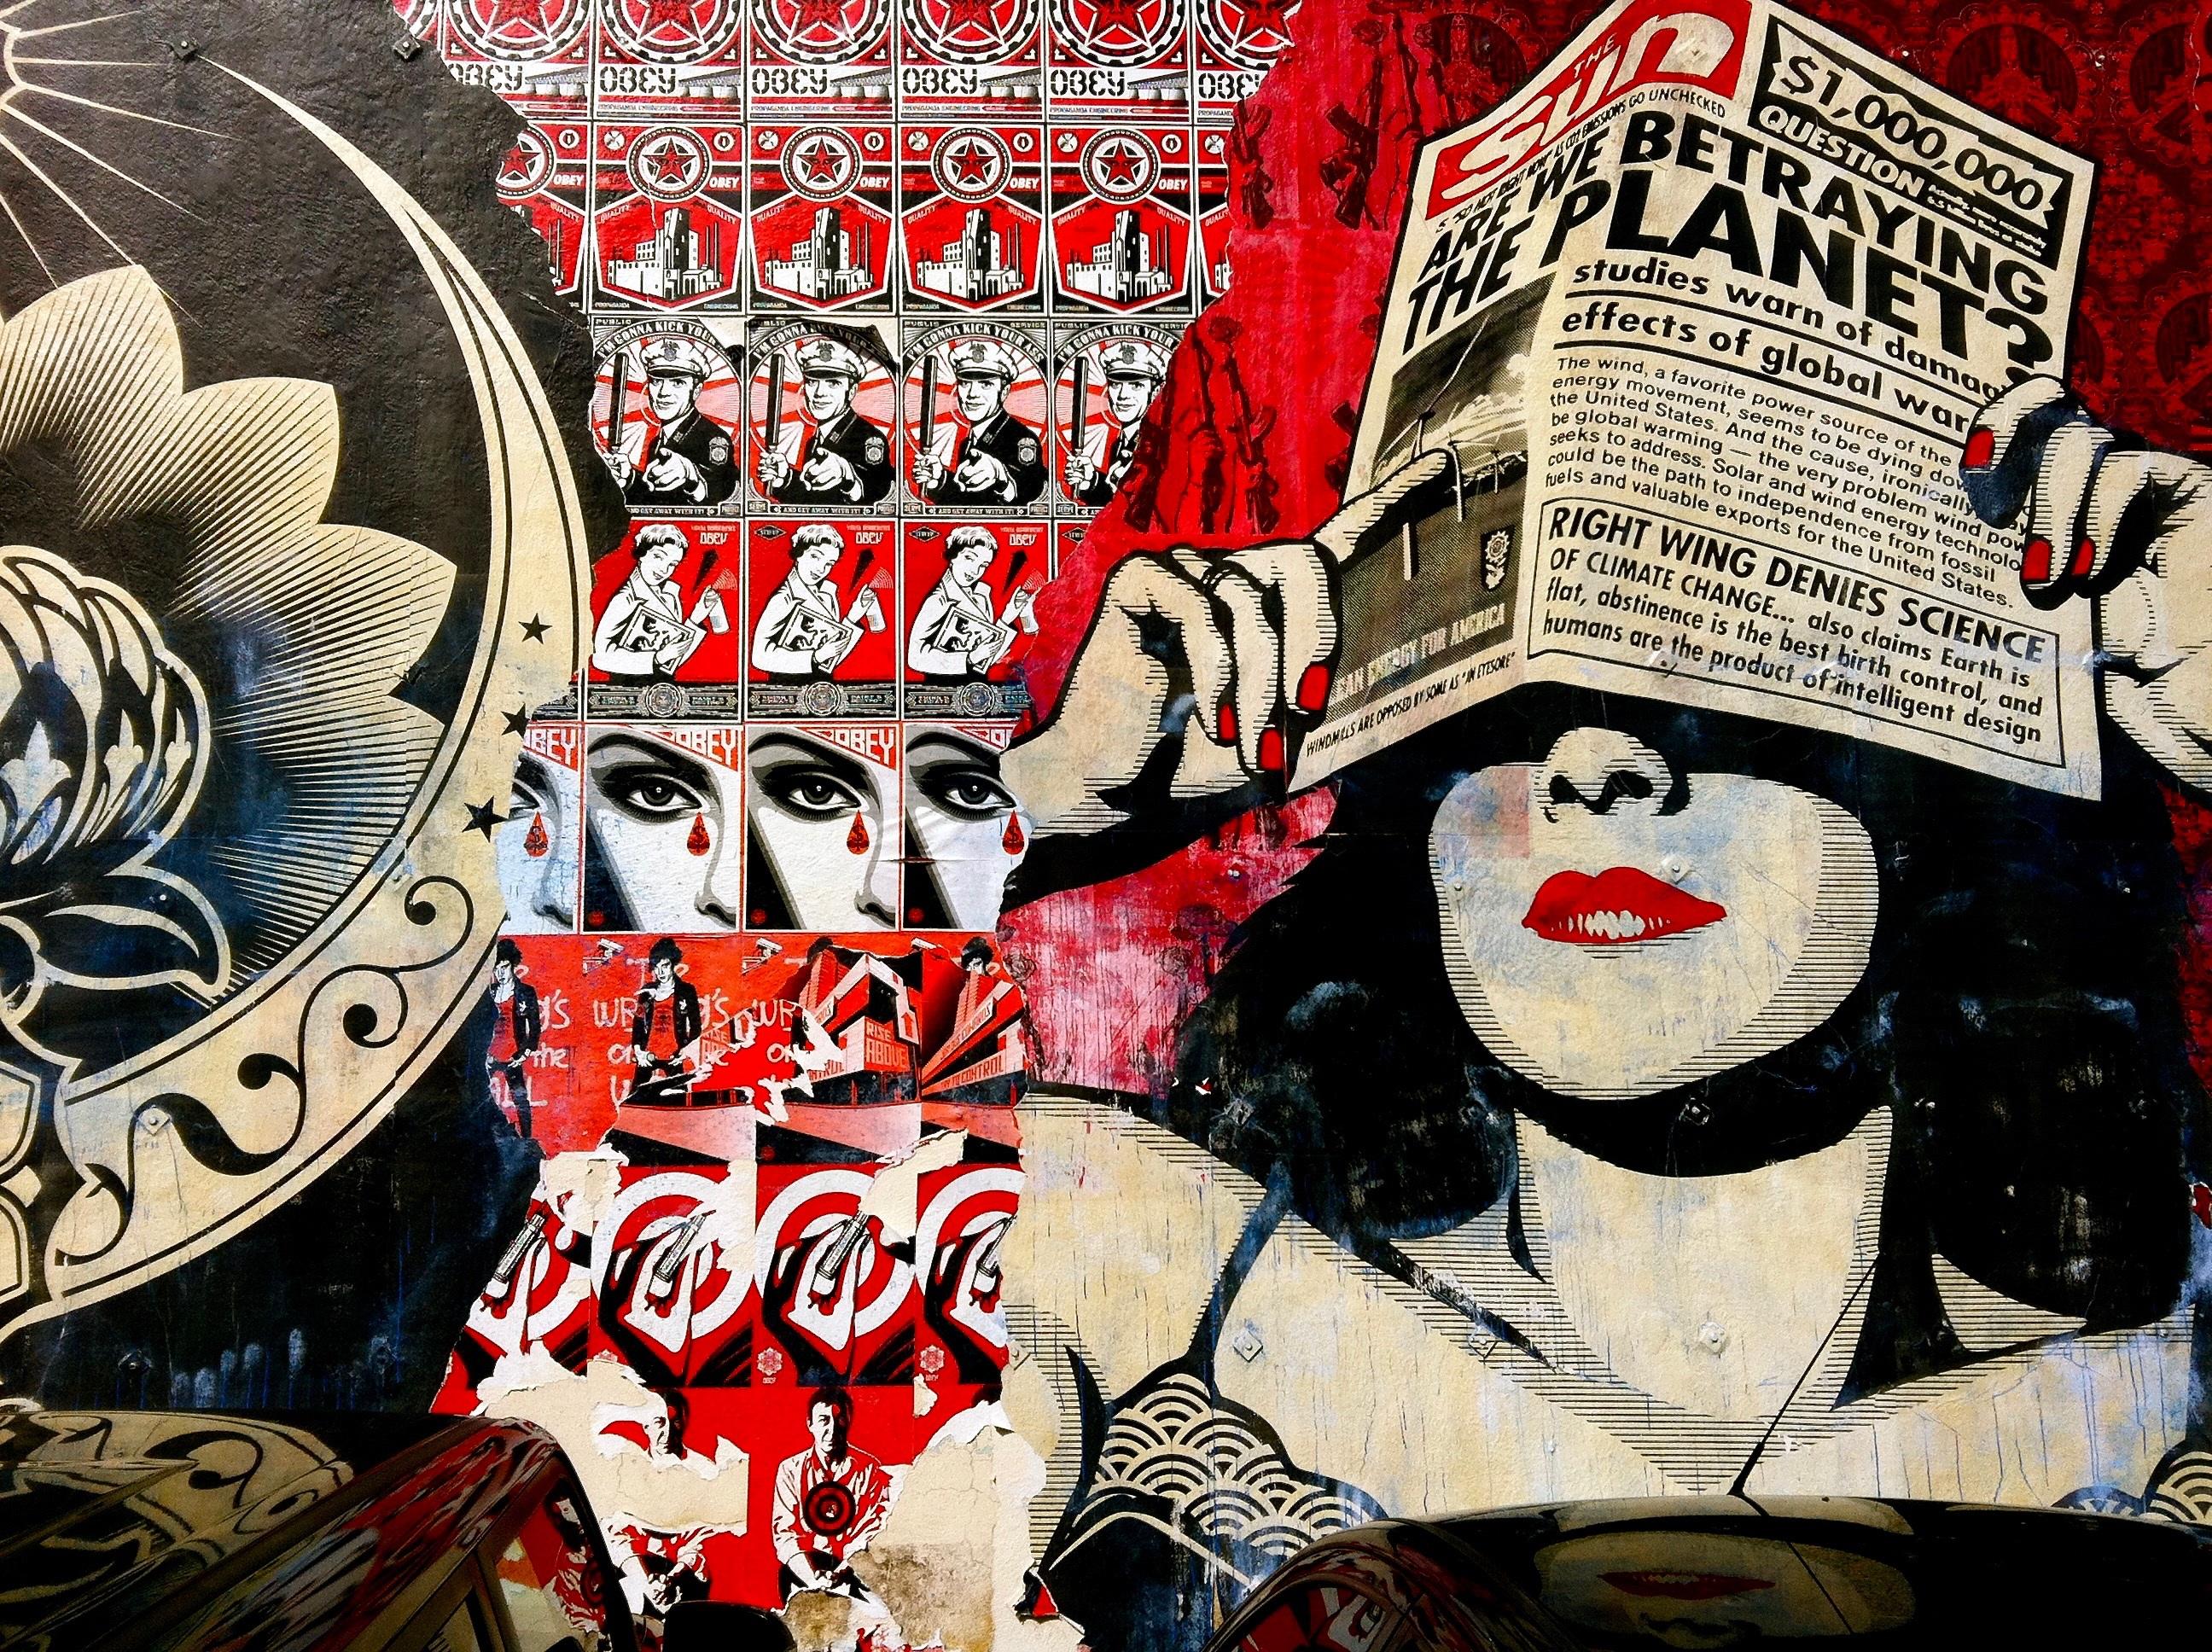 images gratuites : modèle, graffiti, art, illustration, collage